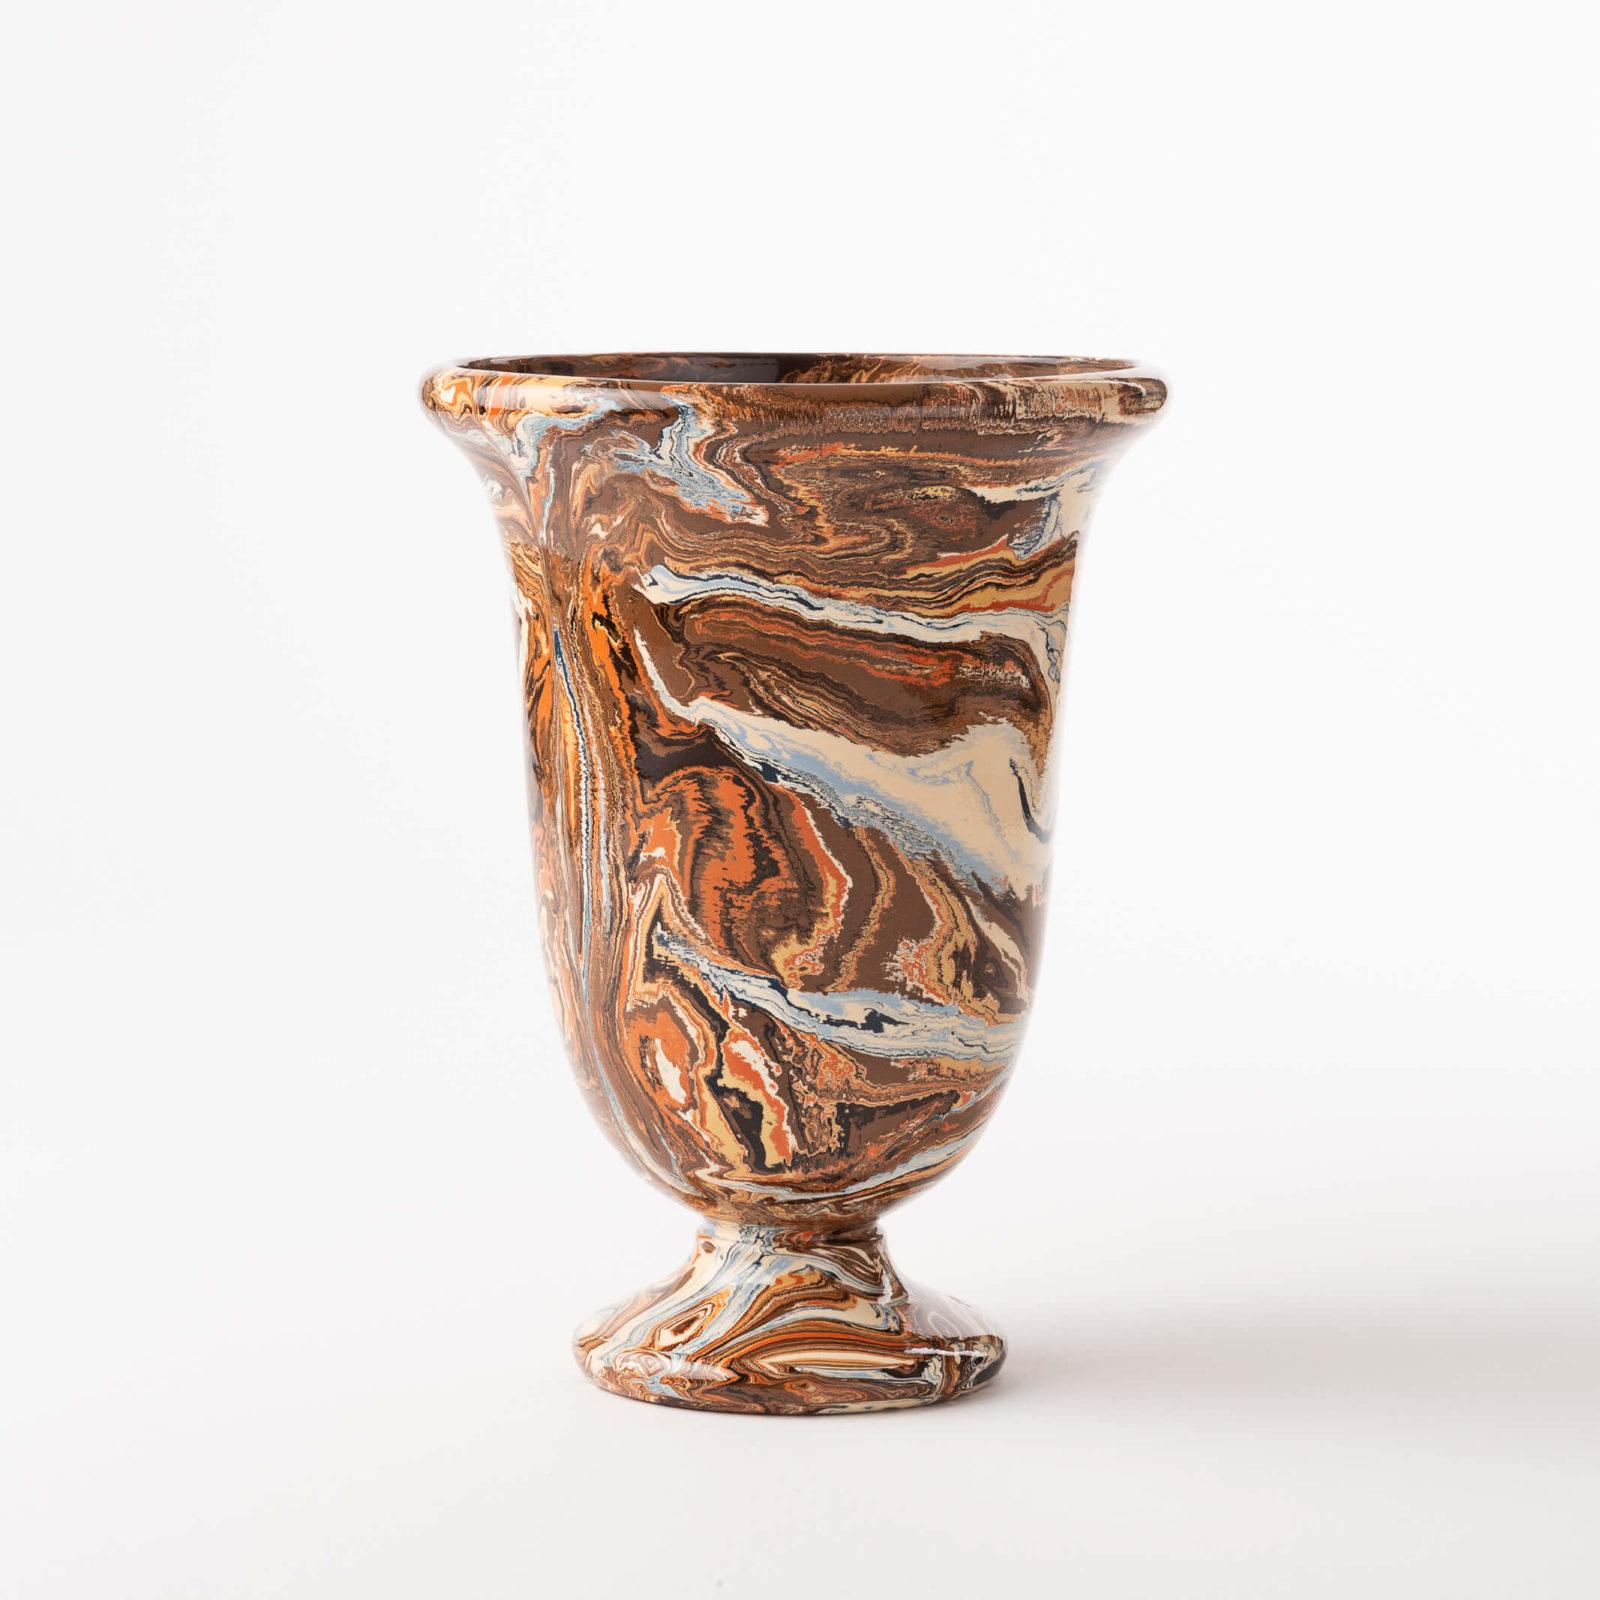 Tube-shaped Vase